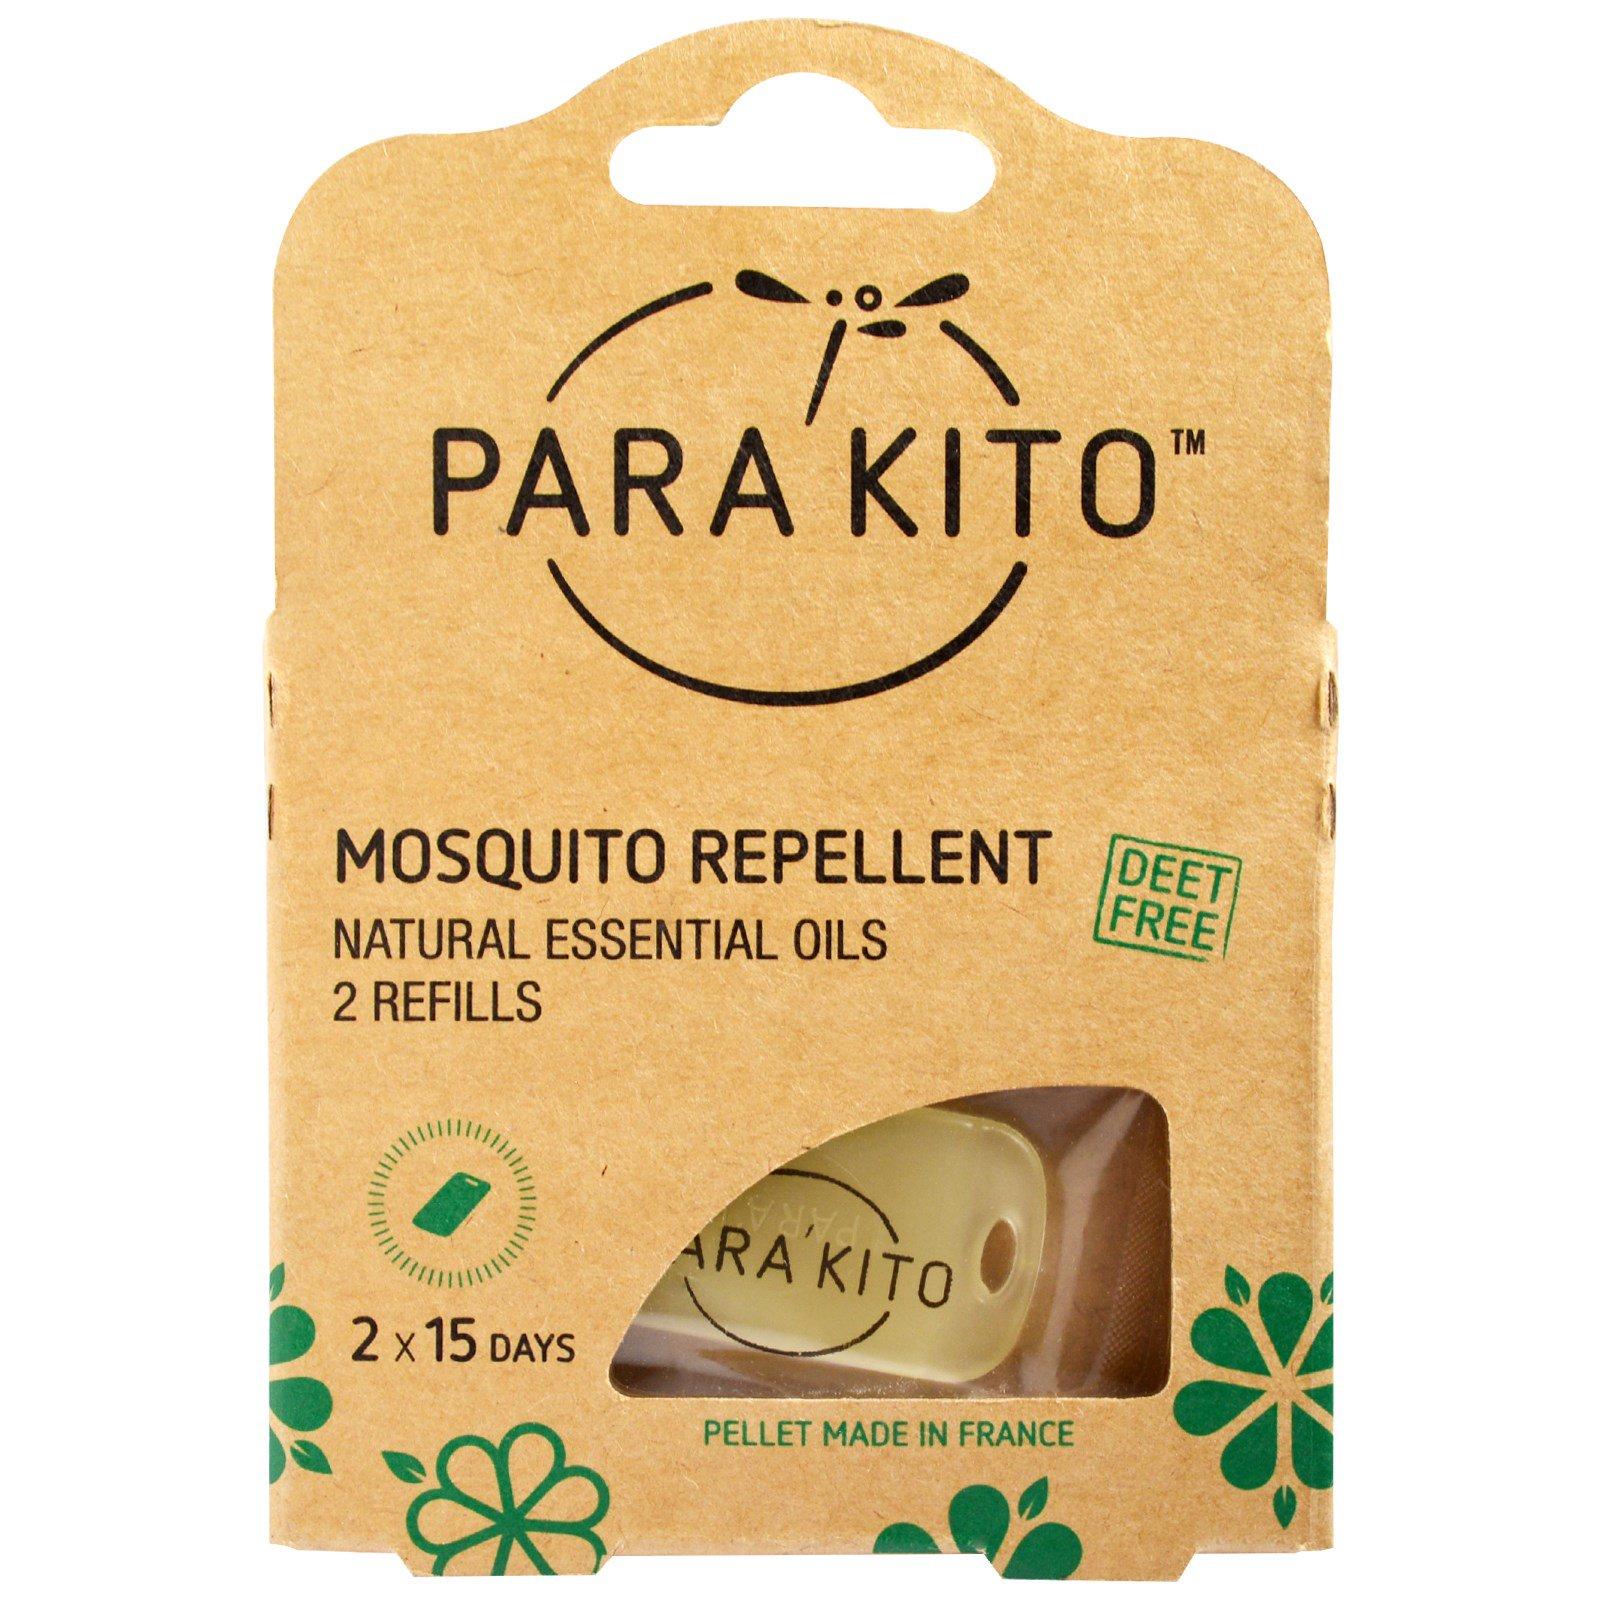 Para'kito, Mosquito Repellent, 2 Refills (Discontinued Item)